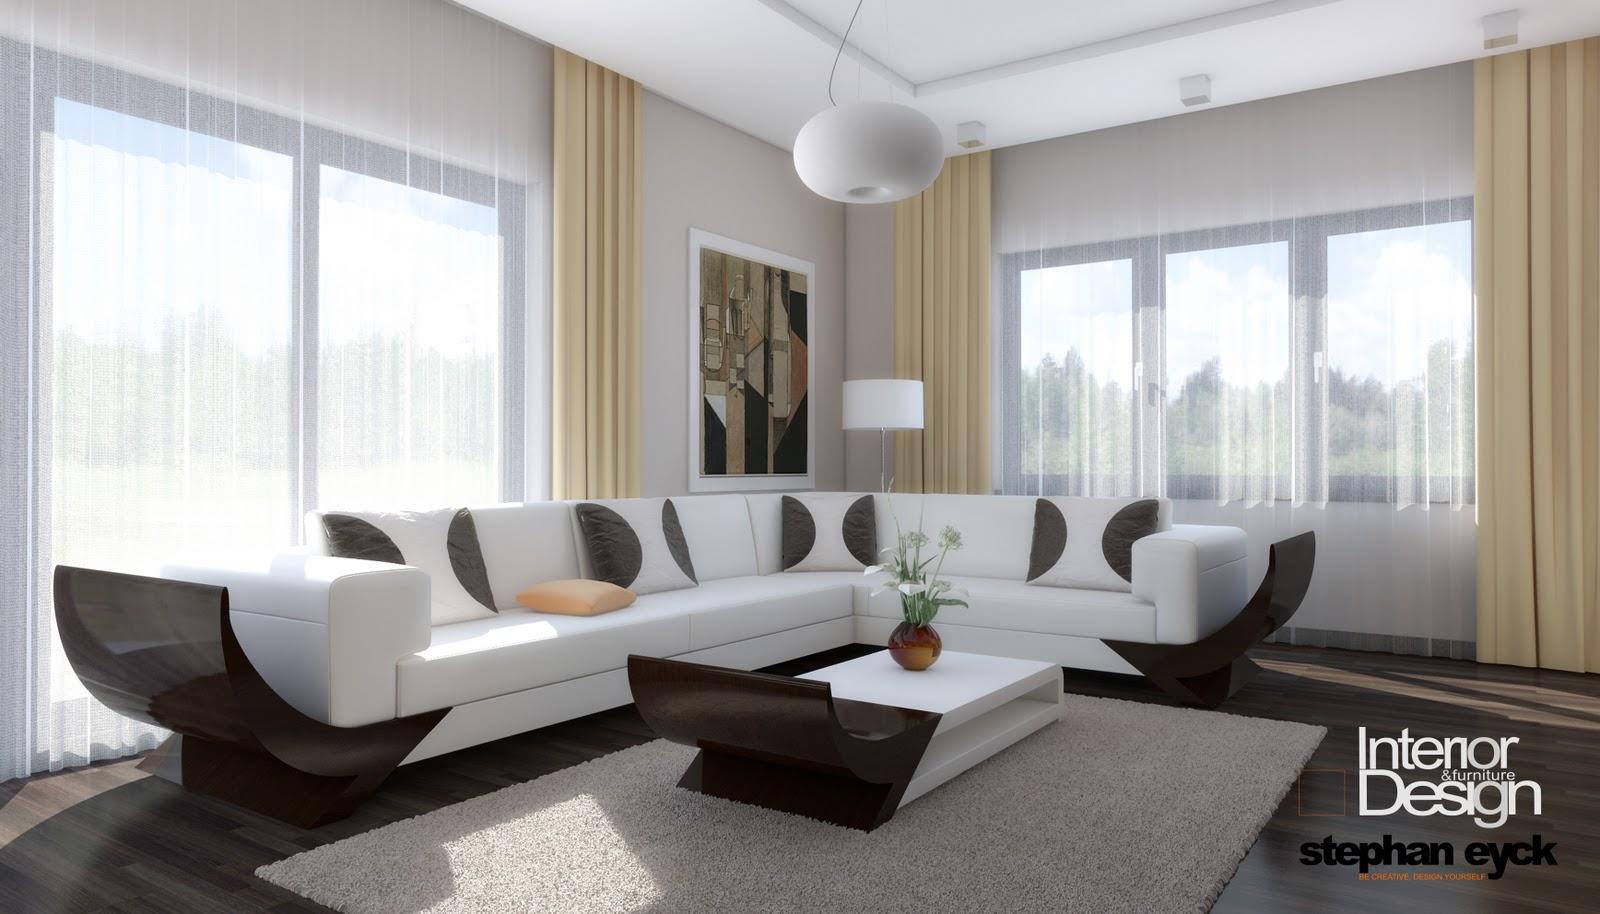 Design interior rumah minimalis idaman 2017 rumah for Design interior modern minimalis